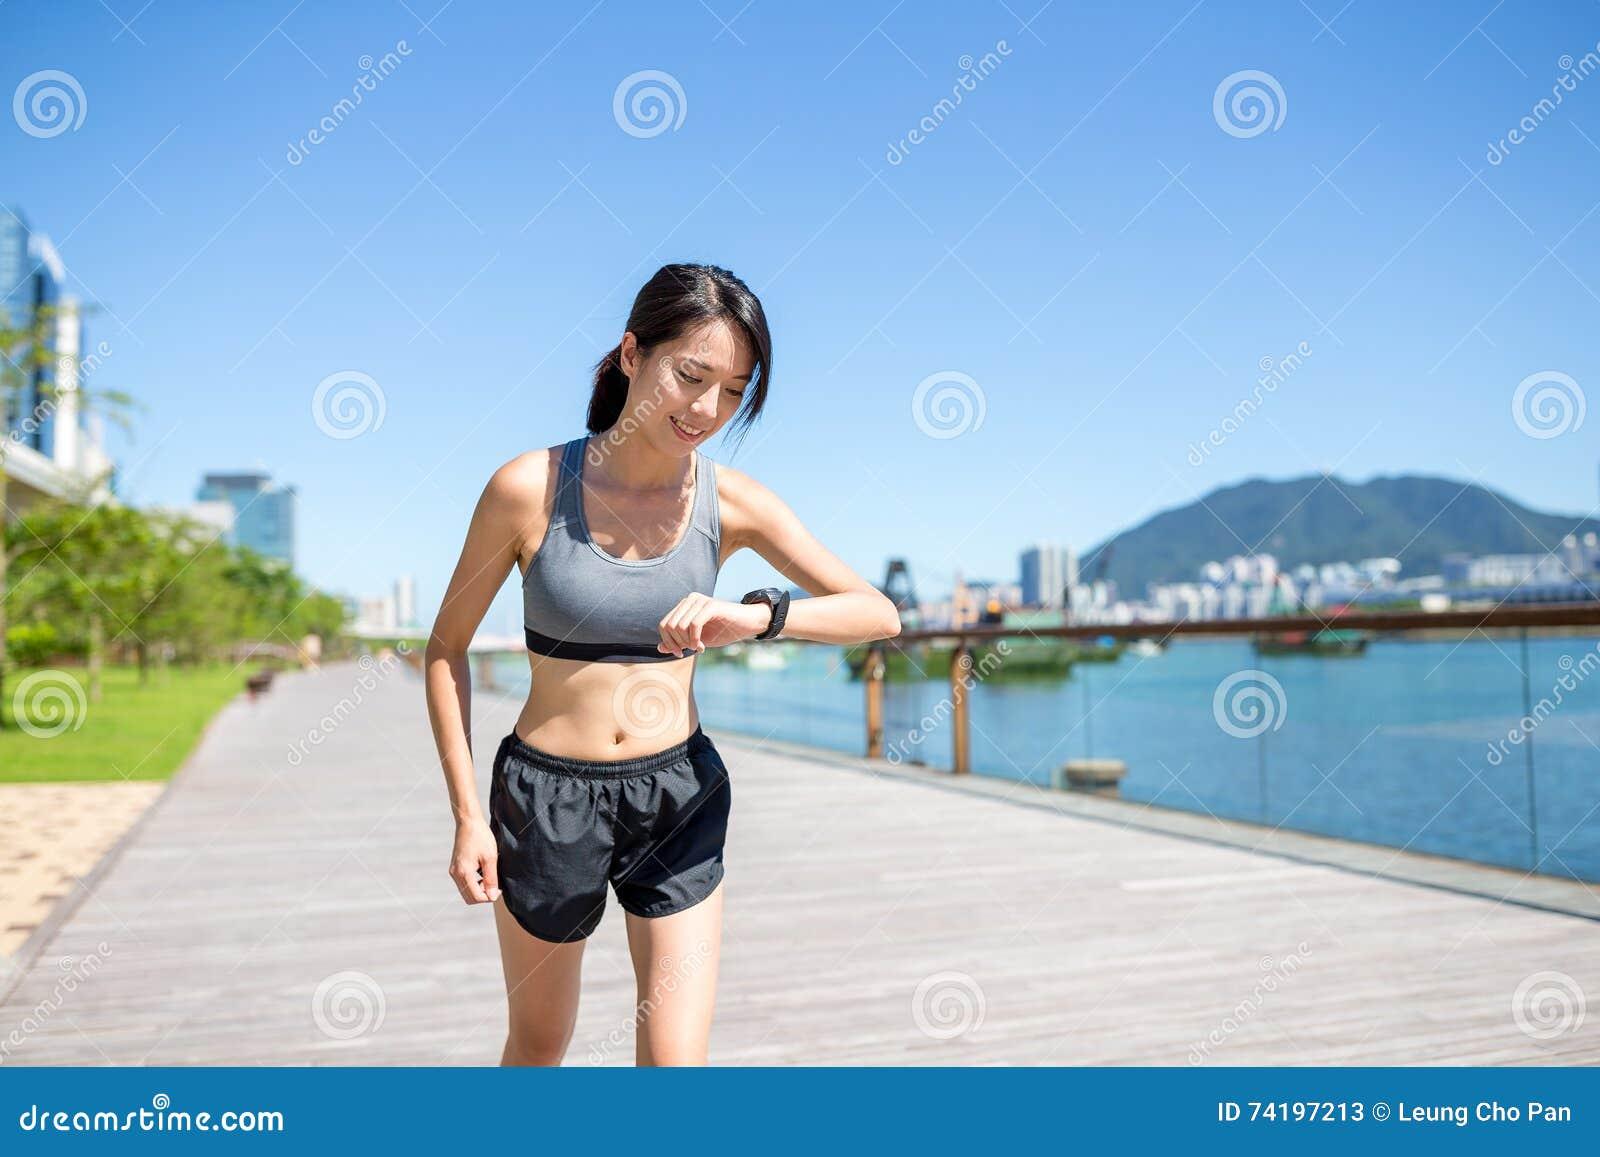 Frau, die am Morgen läuft und die Aufzeichnung auf intelligenter Uhr überprüft